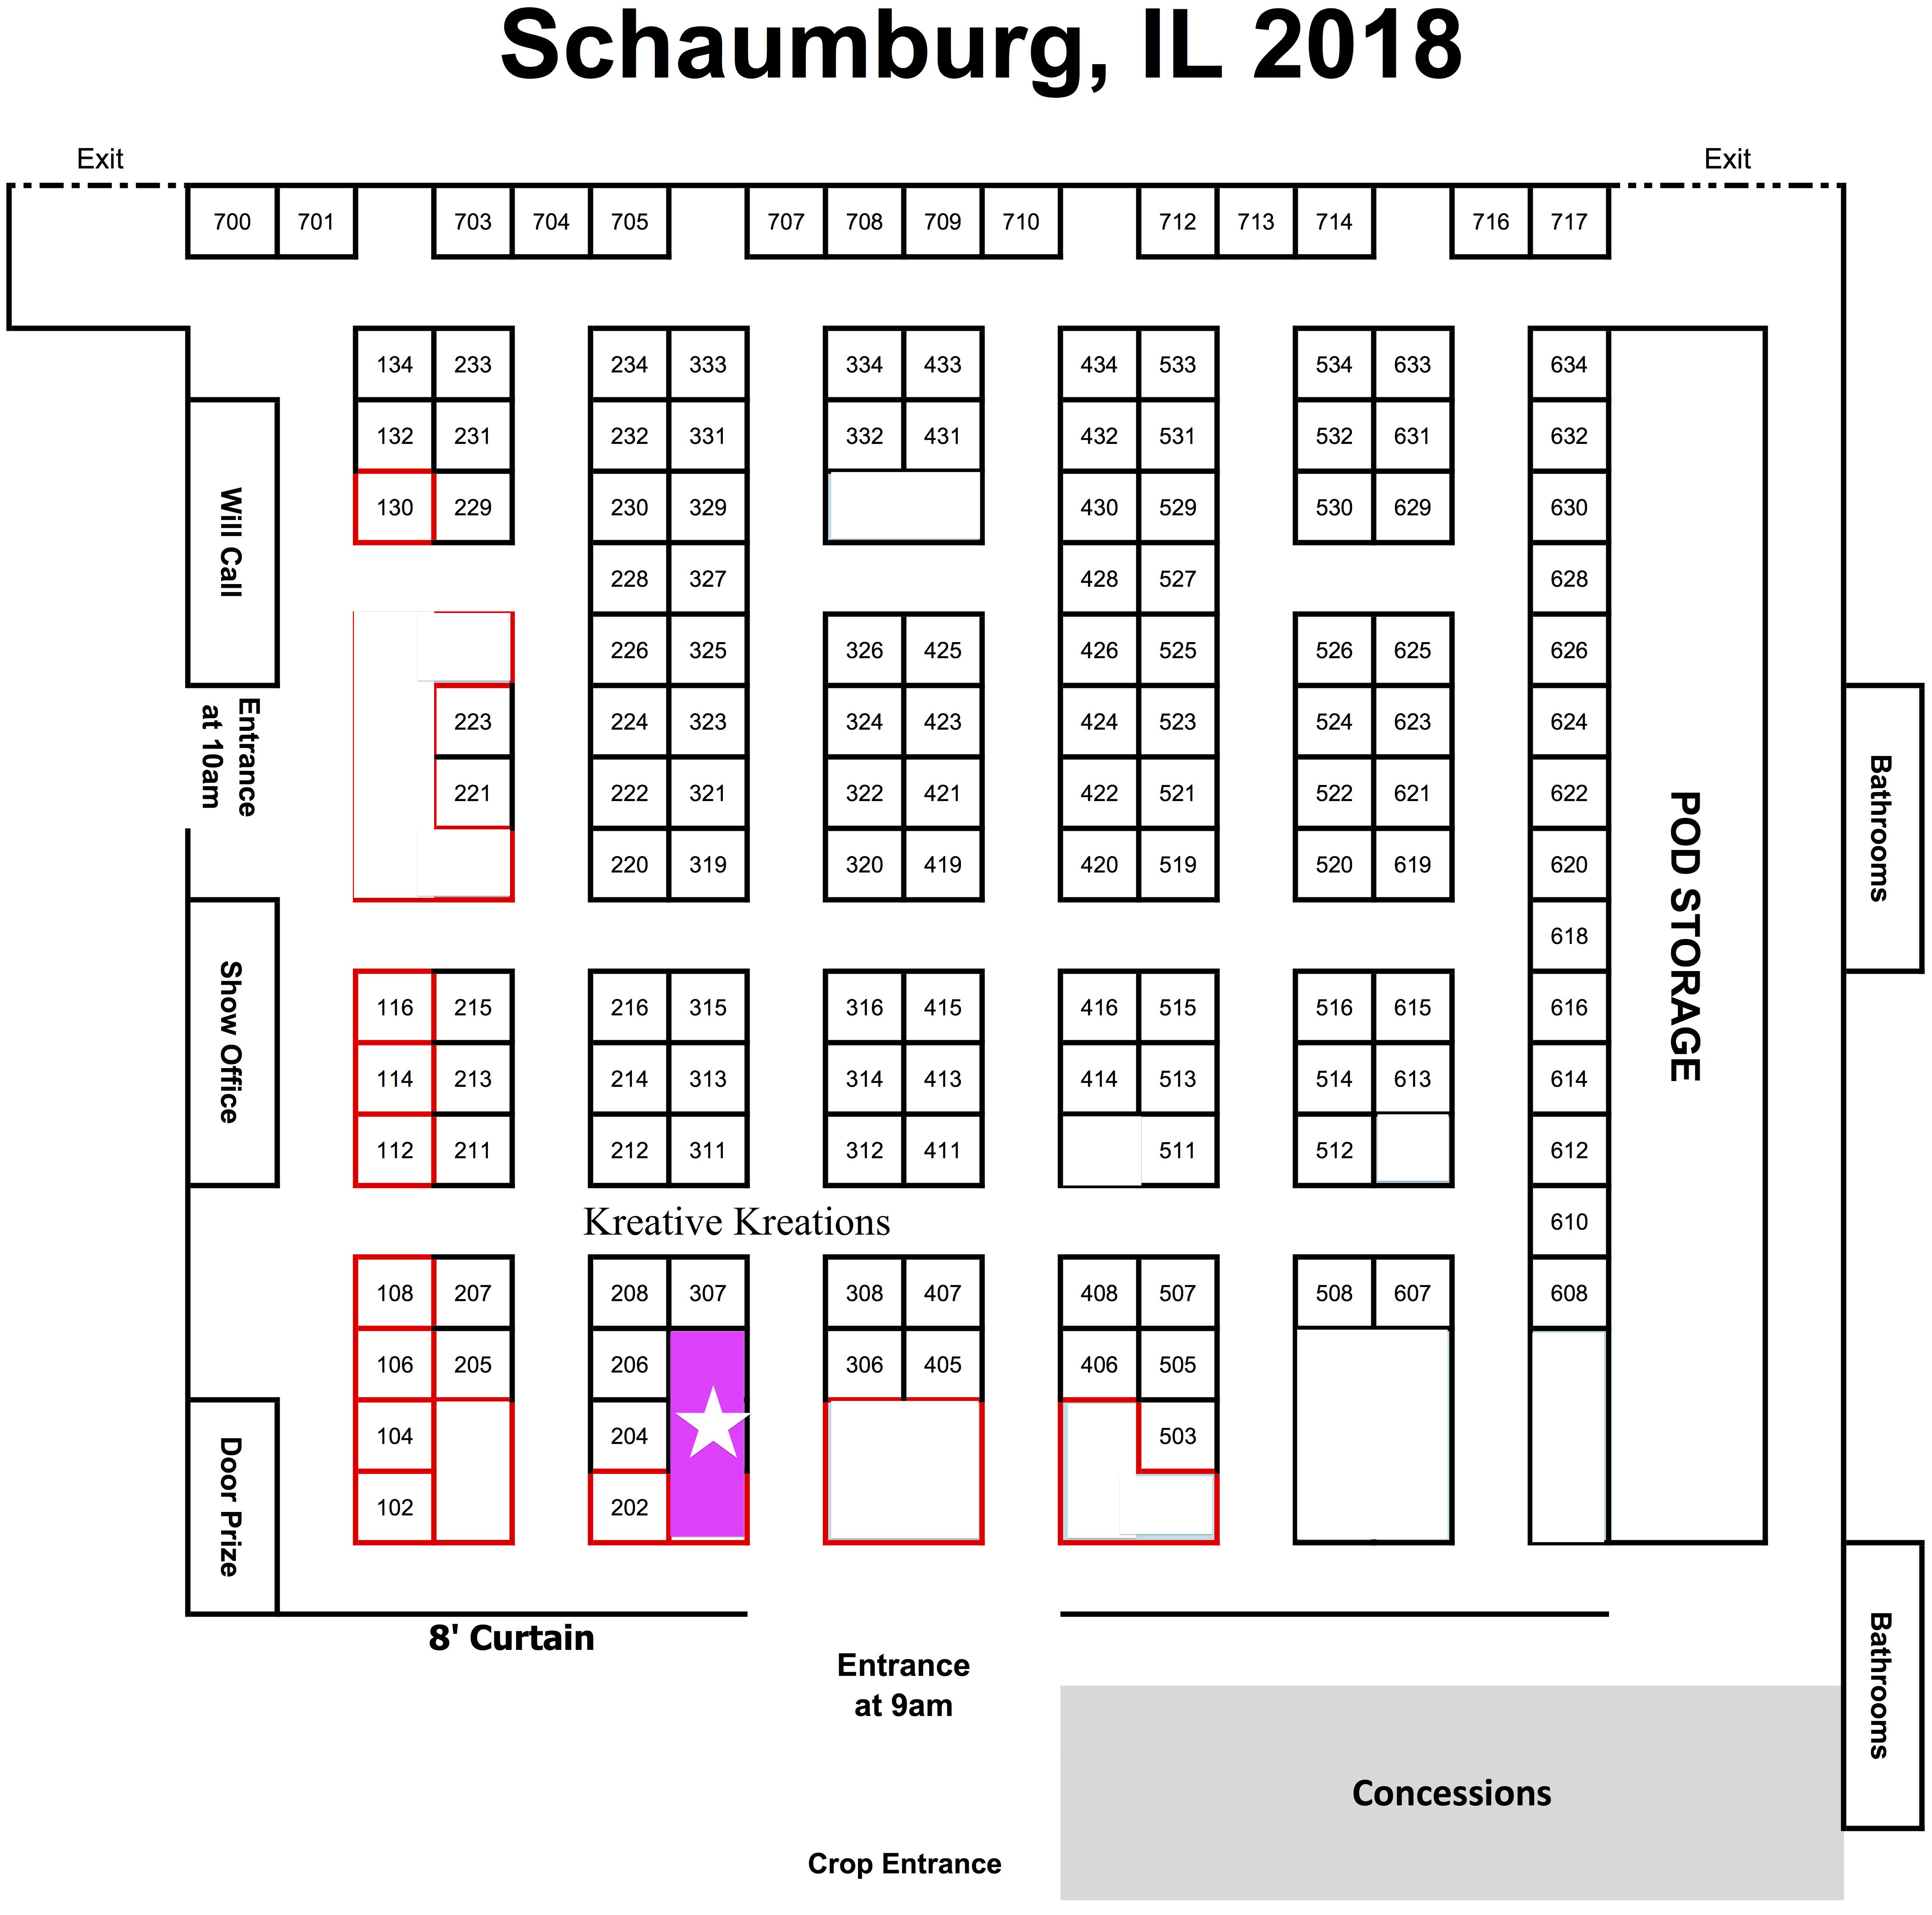 schaumburg-floor-plan-copy.jpg